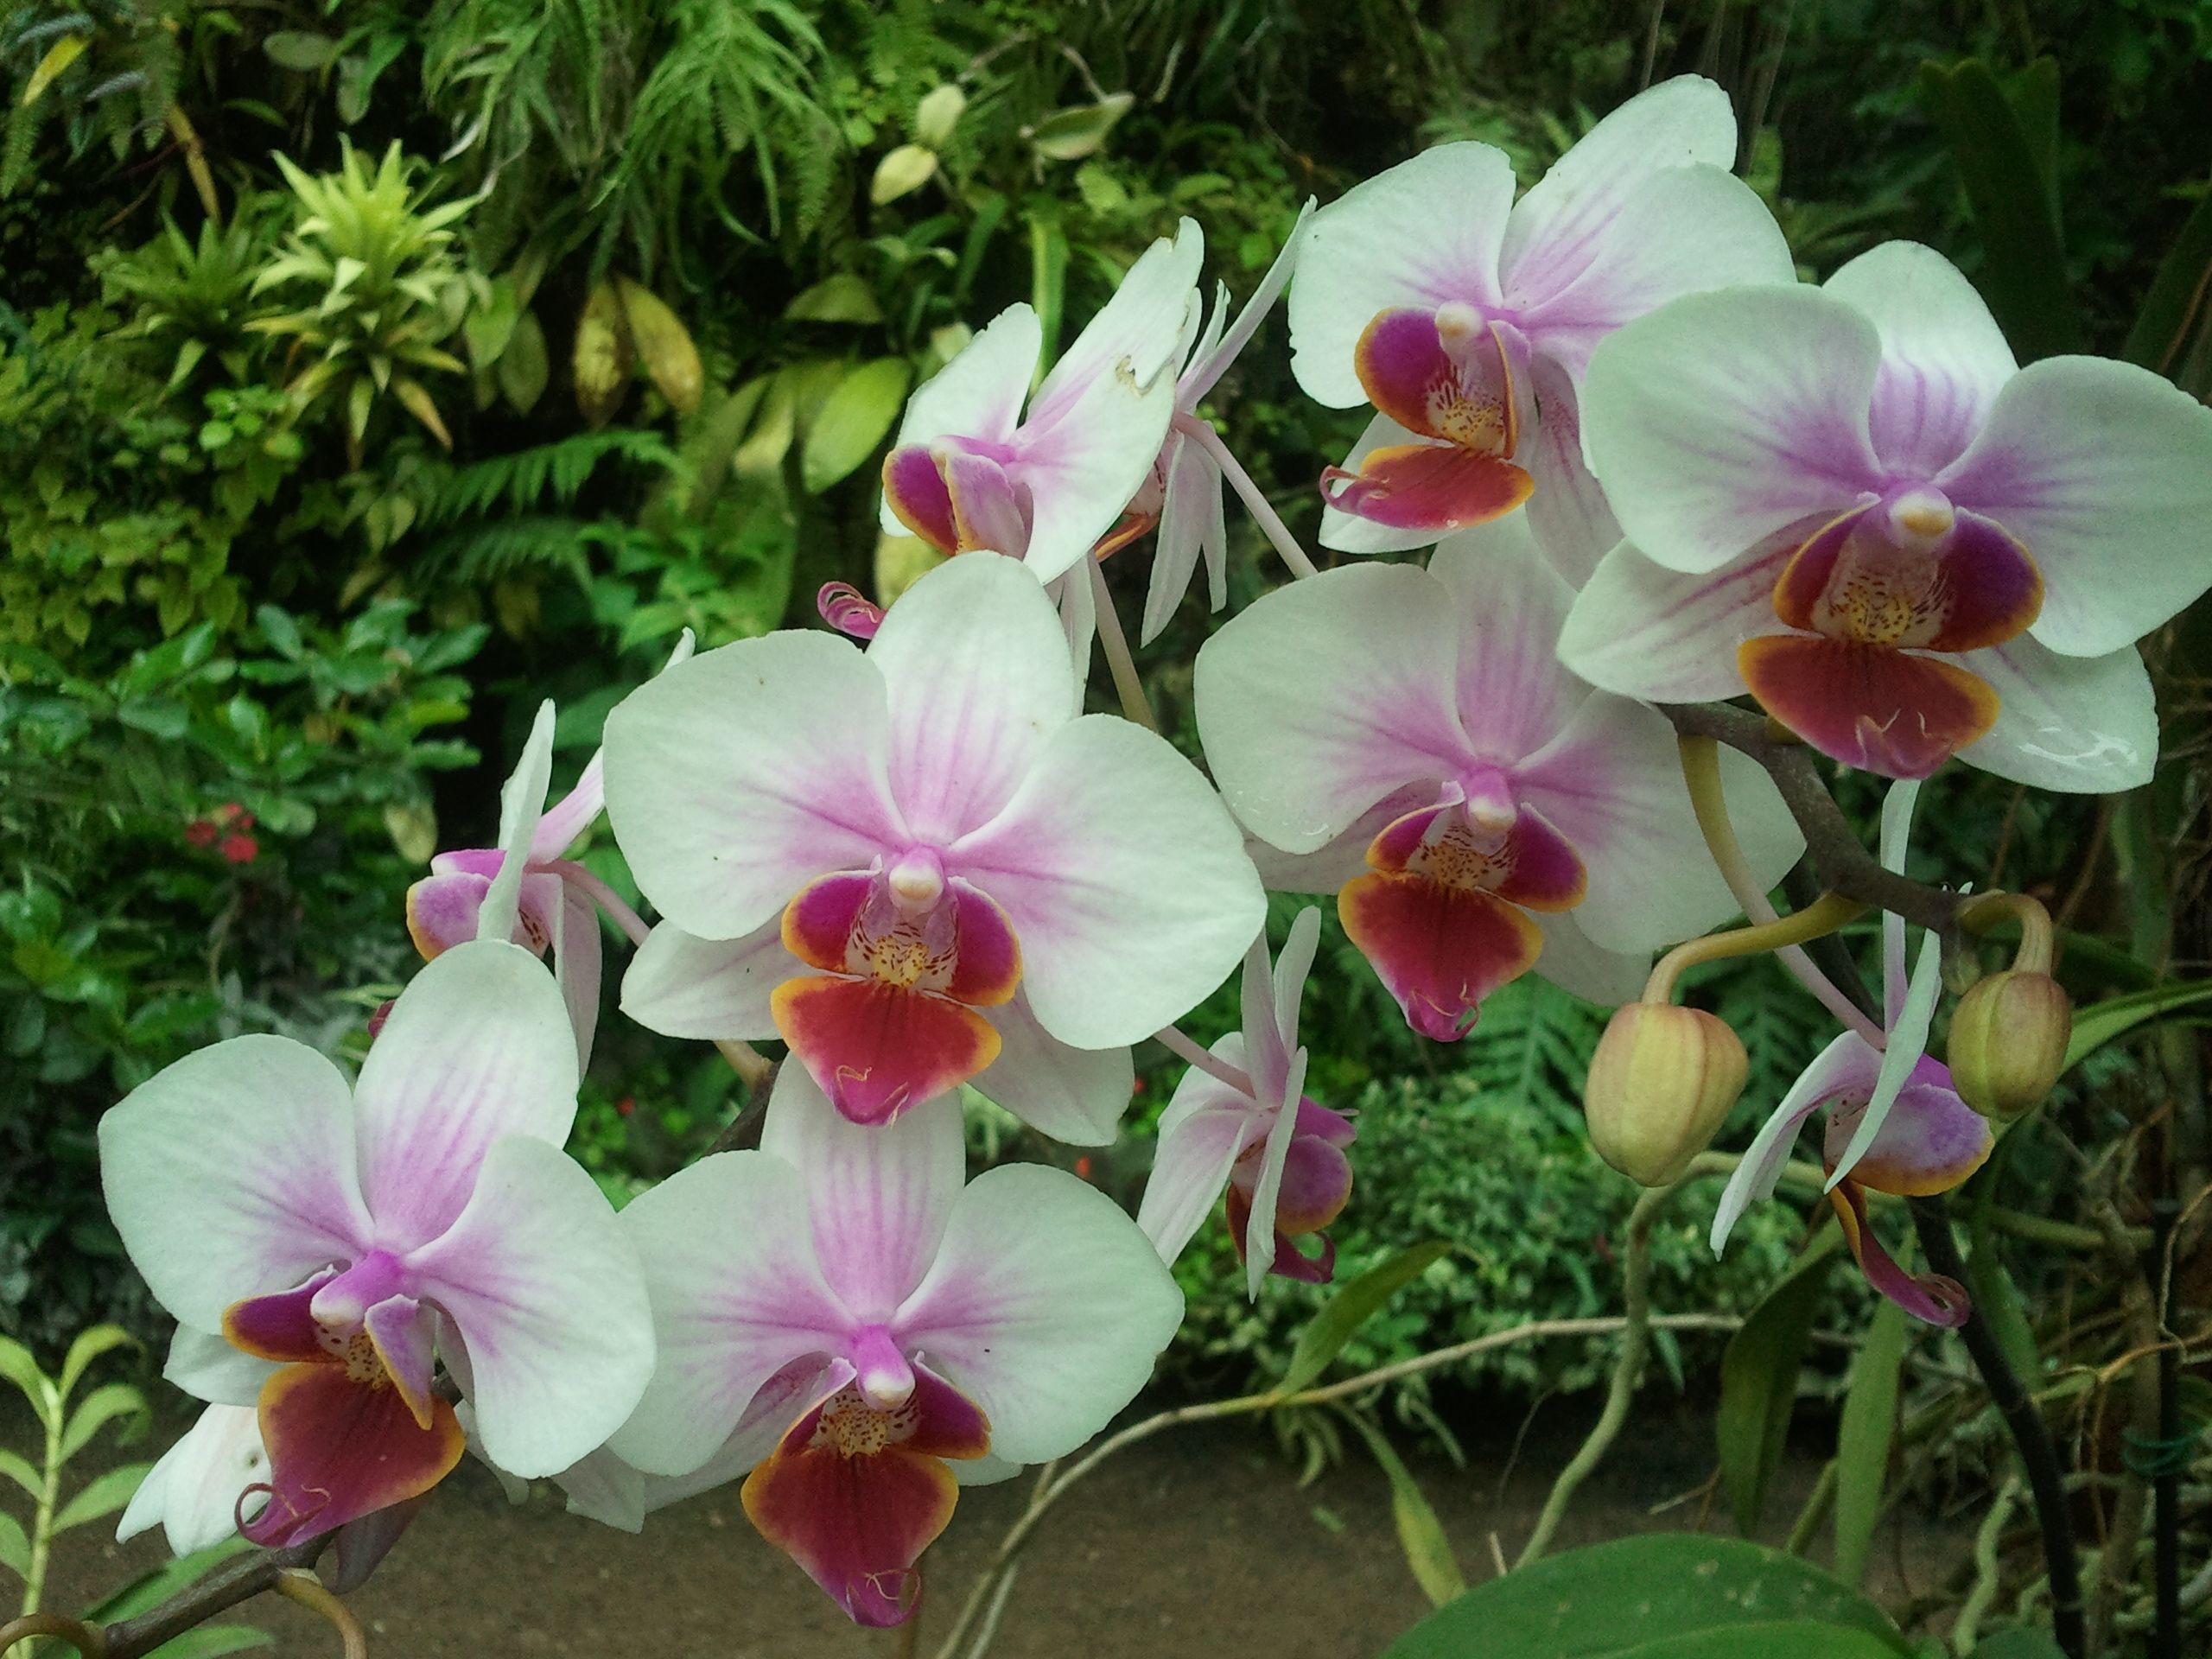 orquideas fotos jpg , Buscar con Google